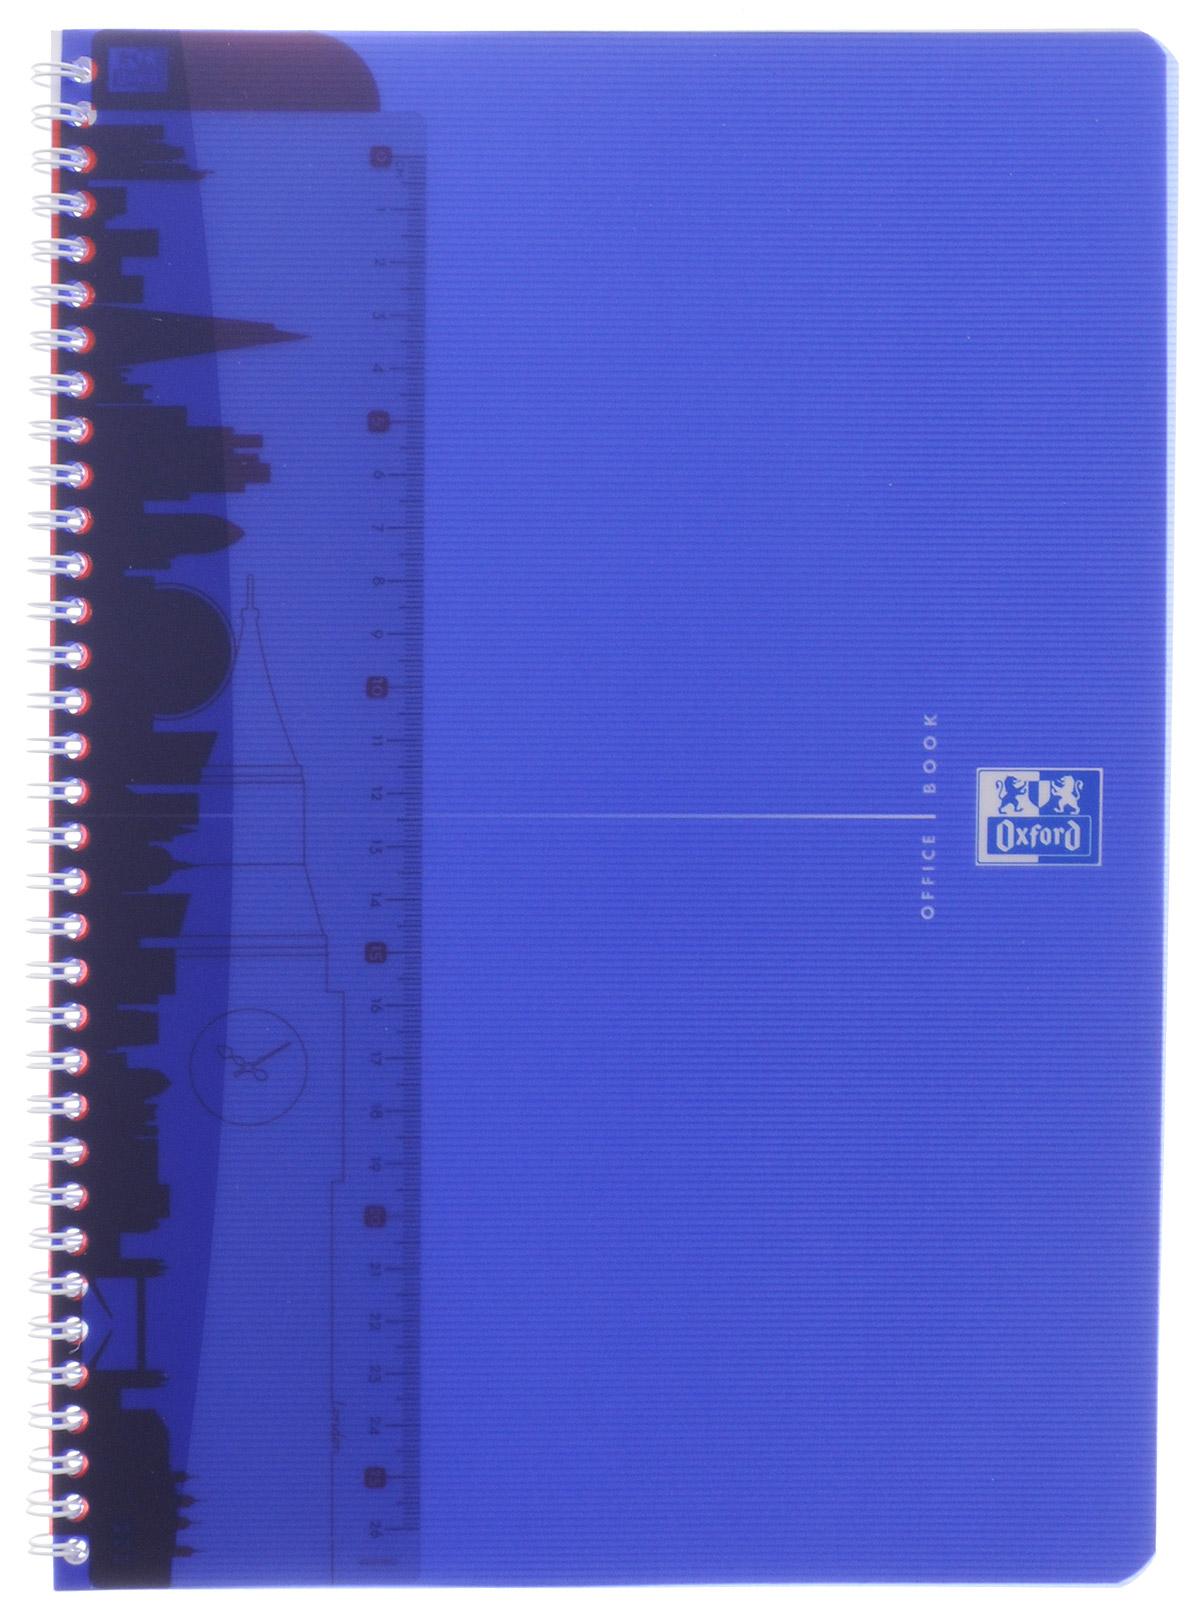 Oxford Тетрадь My Colours 50 листов в клетку цвет синий72523WDТетрадь Oxford My Colours формата А4 на металлическом гребне в полупрозрачной, гибкой, водонепроницаемой обложке из синего полипропилена подойдет школьнику и студенту для различных записей.Внутренний блок тетради состоит из 50 листов белой бумаги в клетку без полей. Высококачественная бумага имеет шелковистую поверхность и высокую белизну. На гребне тетради крепится разделитель, который выполняет функции закладки и линейки, он может быть перемещен в любое удобное для пользователя место.